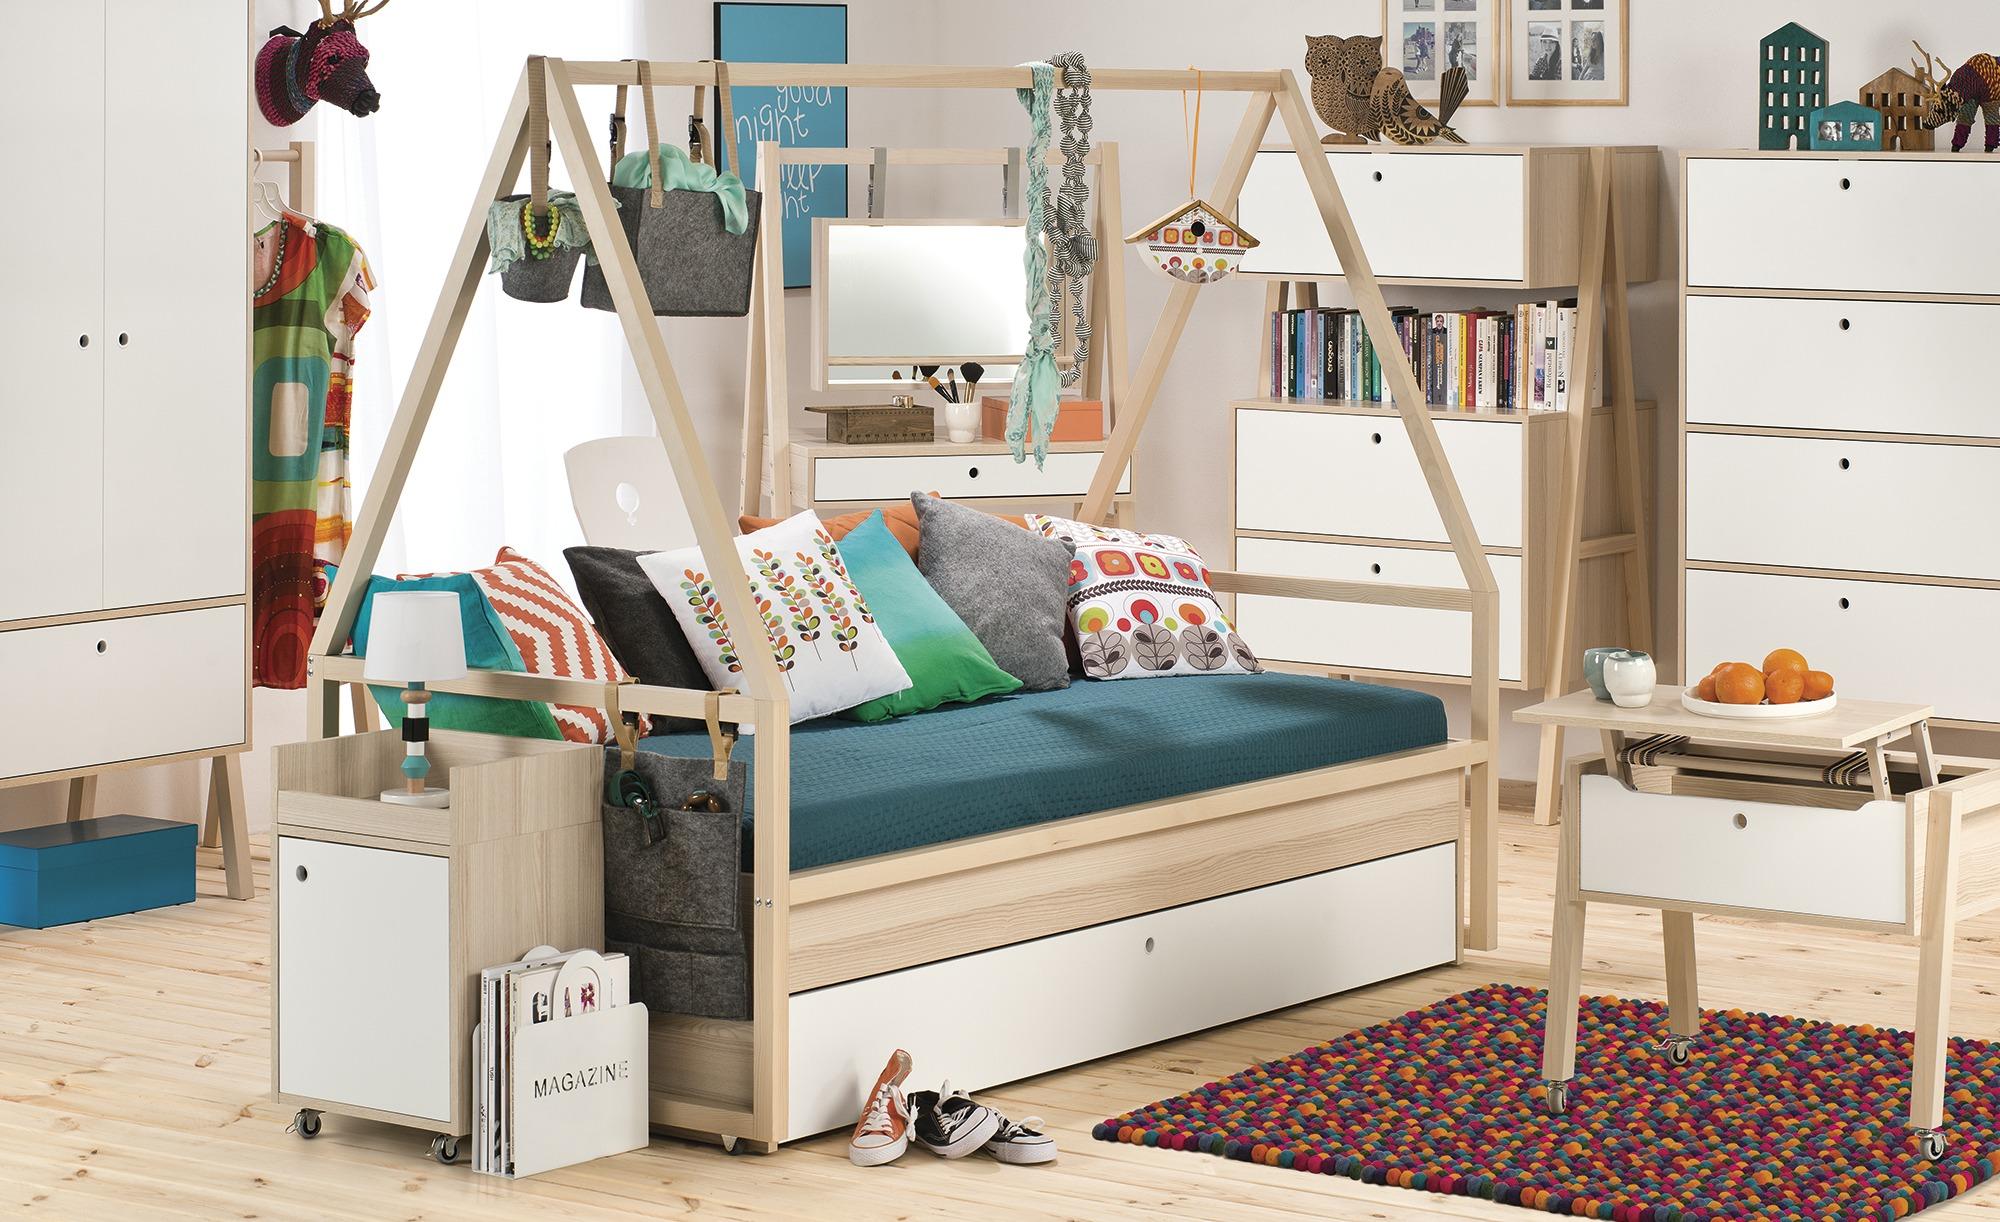 Kinderzimmer und Jugendzimmer im skandinavischen Stil